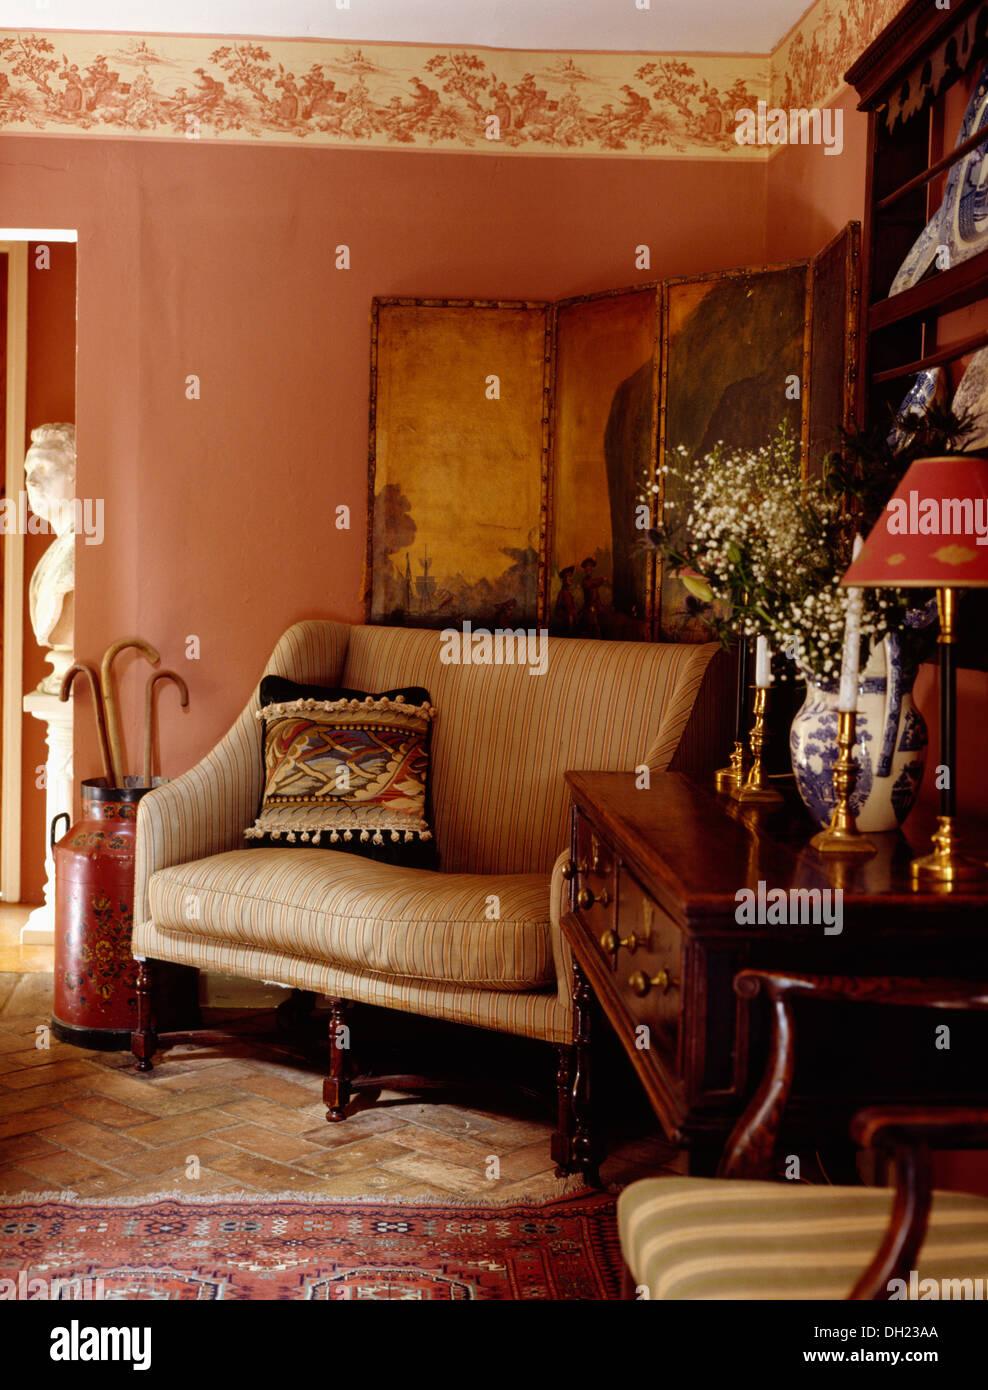 Creme Sofa Vor Antike Bemalte Leinwand In Rosa Hütte Wohnzimmer Mit  Wand Fries Und Antike Kommode